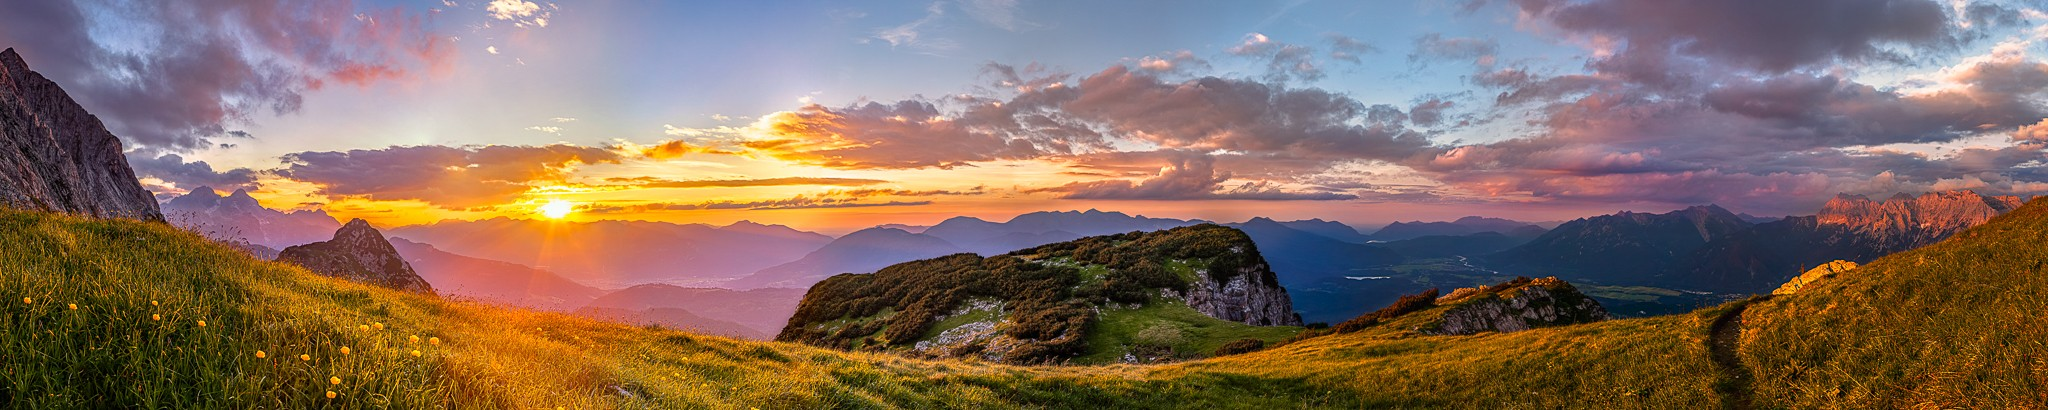 Werdenfelser Panorama! Bei Sonnenuntergang am Gamsanger unterhalb der oberen Wettersteinspitze angekommen werden die Wolken über dem Werdenfelser Land vom Abendrot erleuchtet.